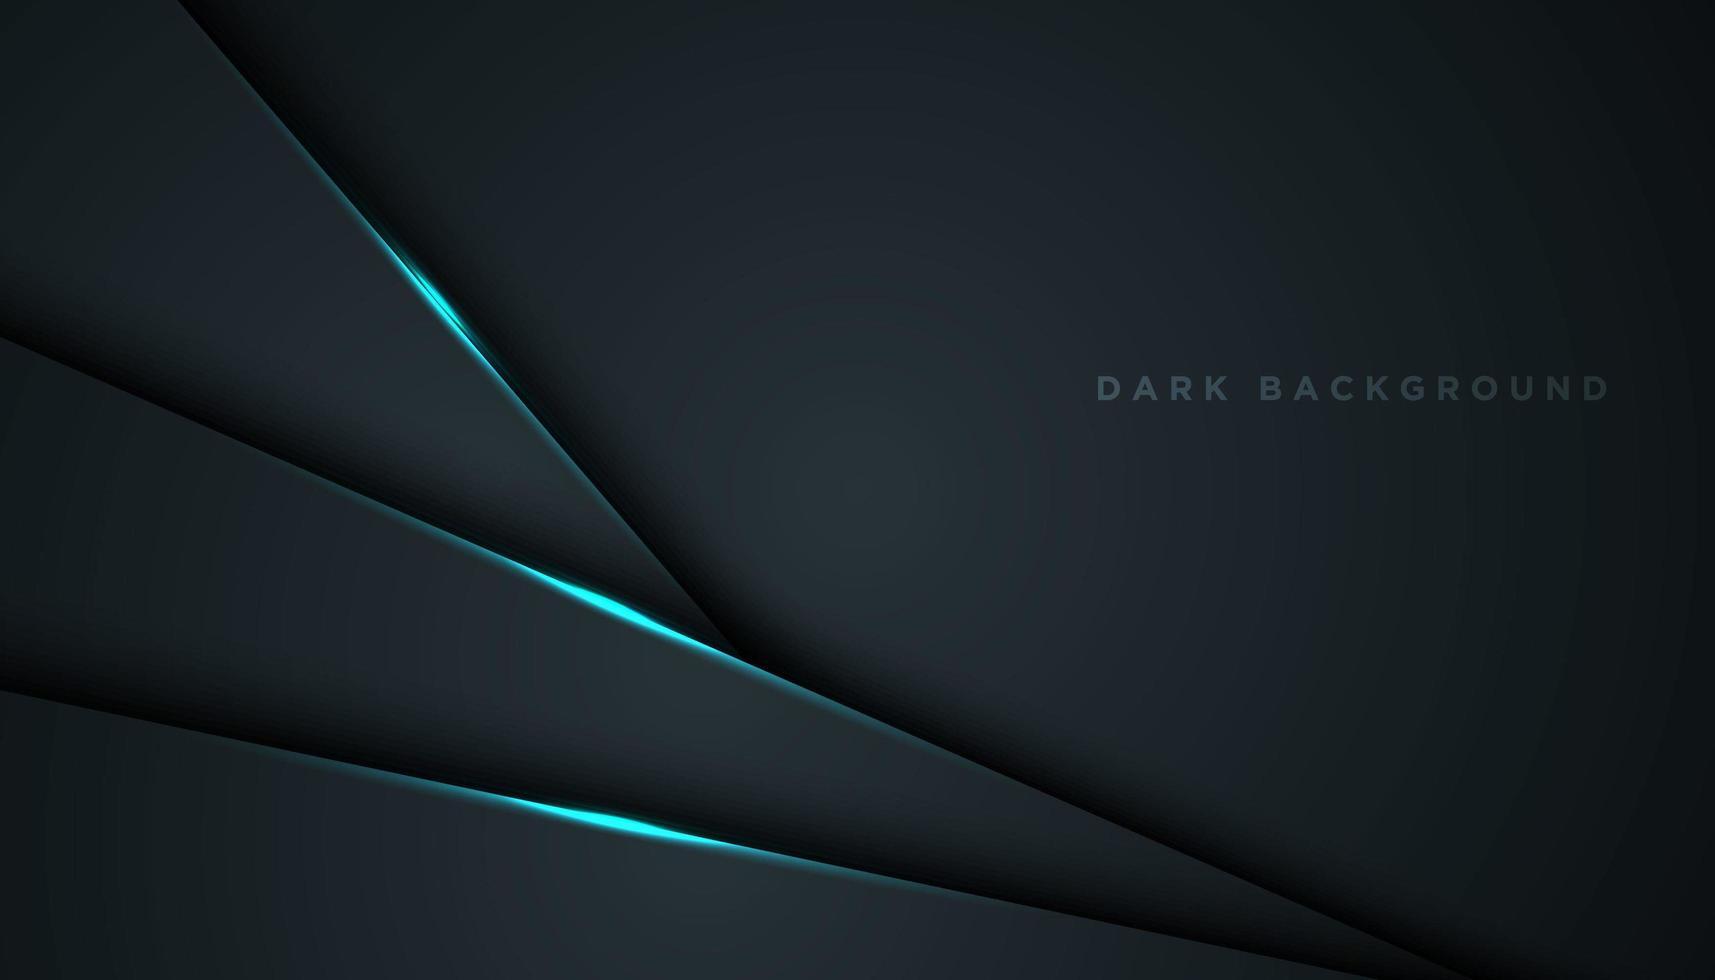 abstrakt svart bakgrund med lysande blå diagonala lager vektor